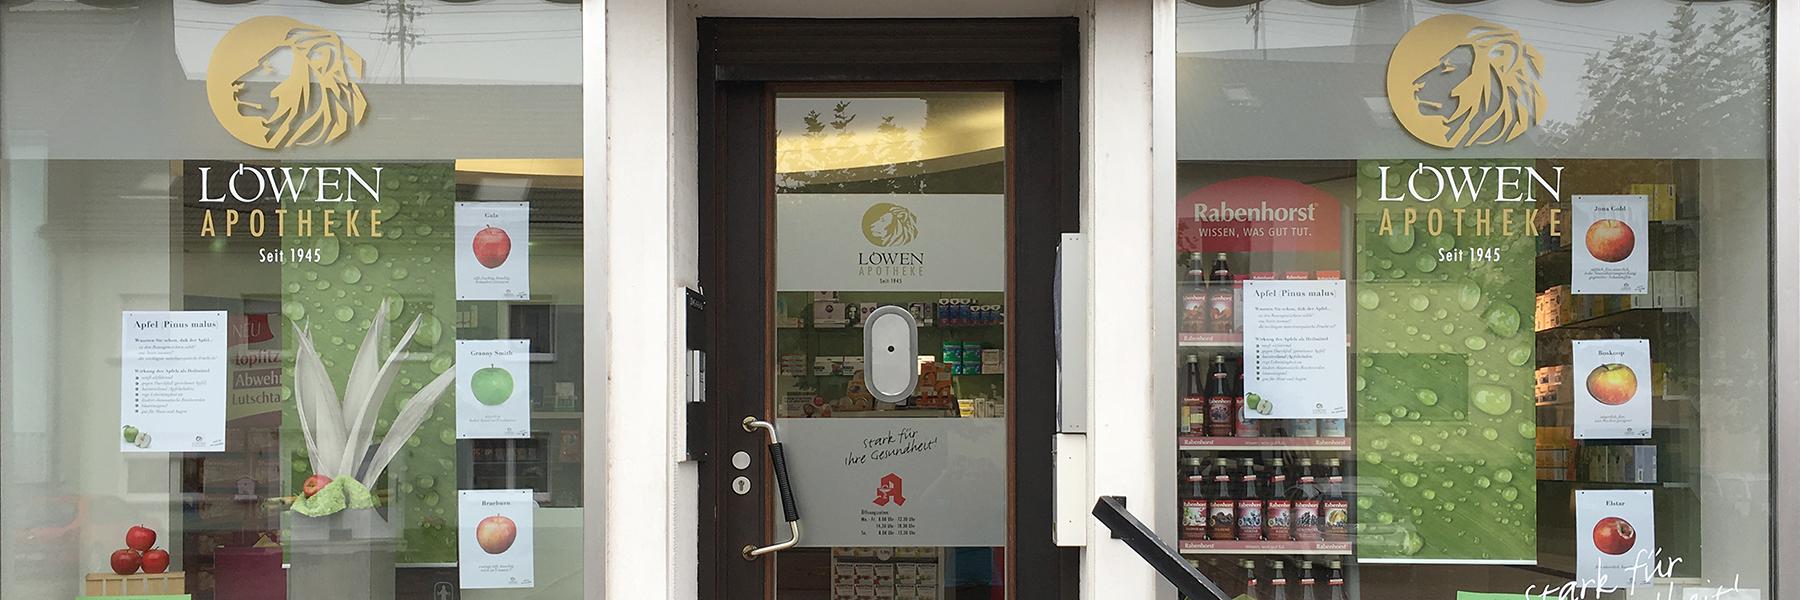 Ihr Team der Löwen-Apotheke in Saarwellingen heißt Sie herzlich willkommen!